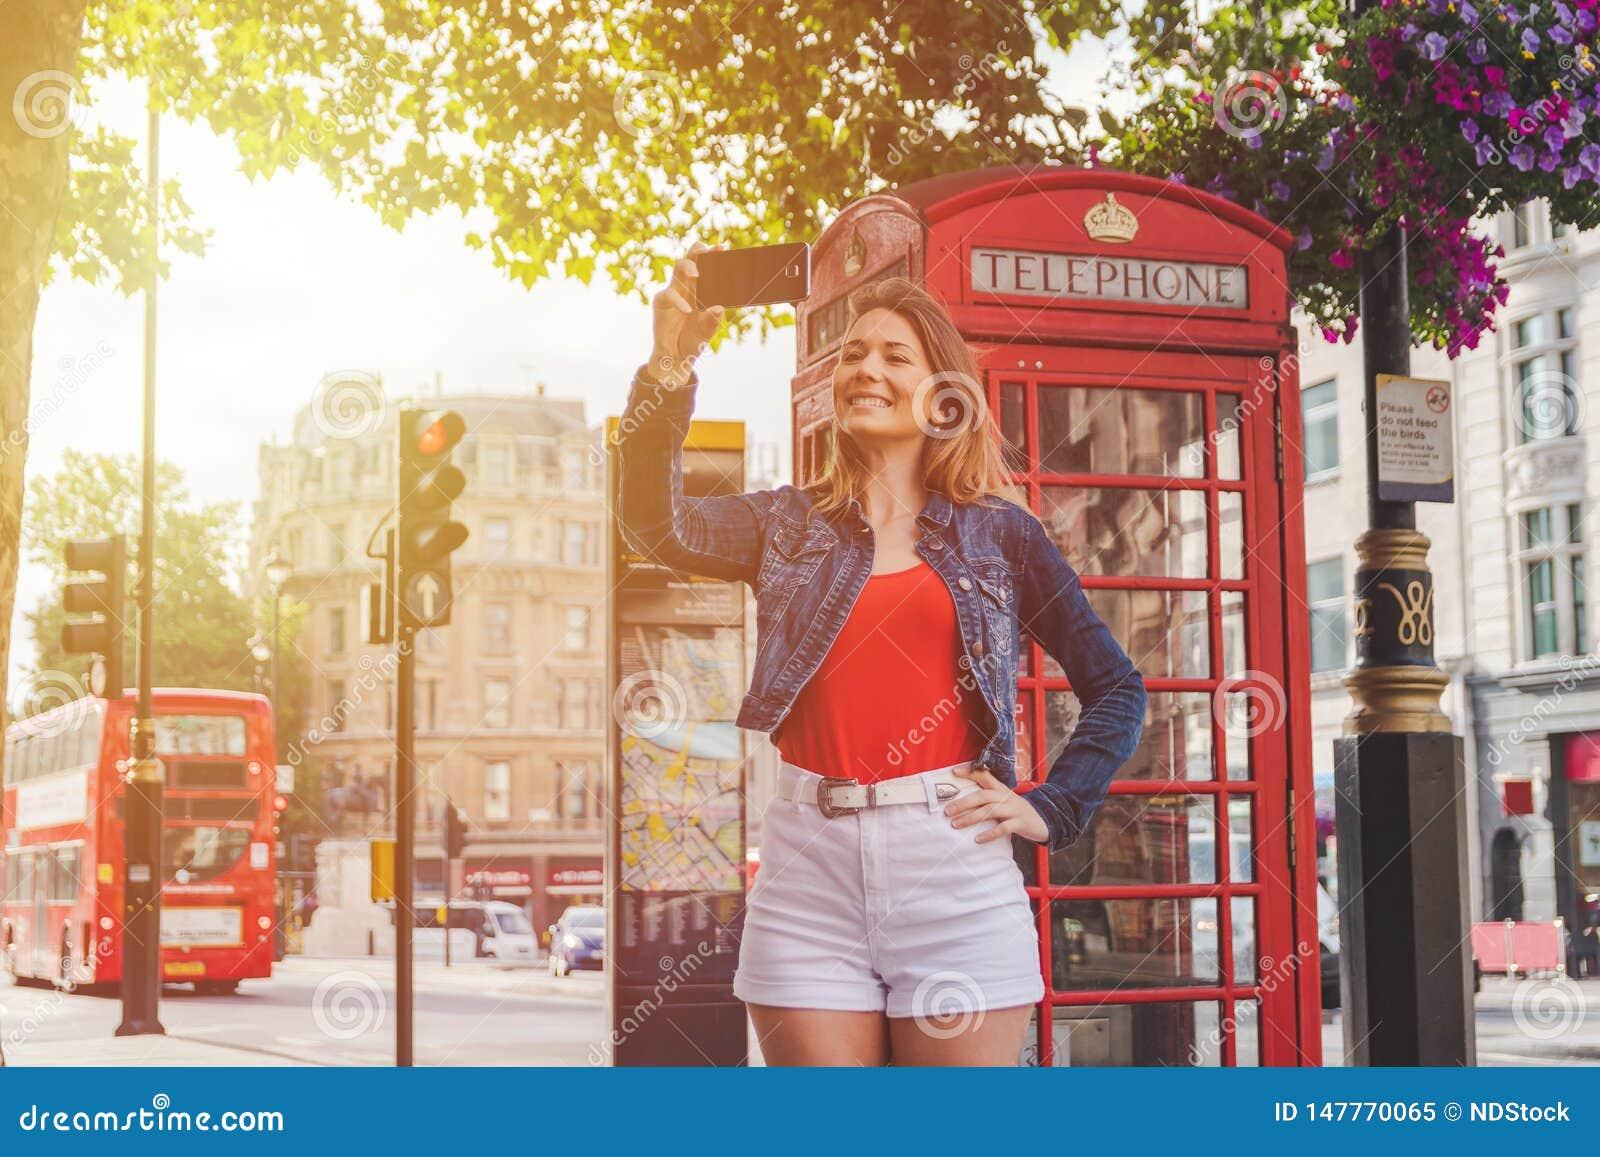 Ragazza felice che prende un selfie davanti ad un contenitore di telefono e ad un bus rosso a Londra